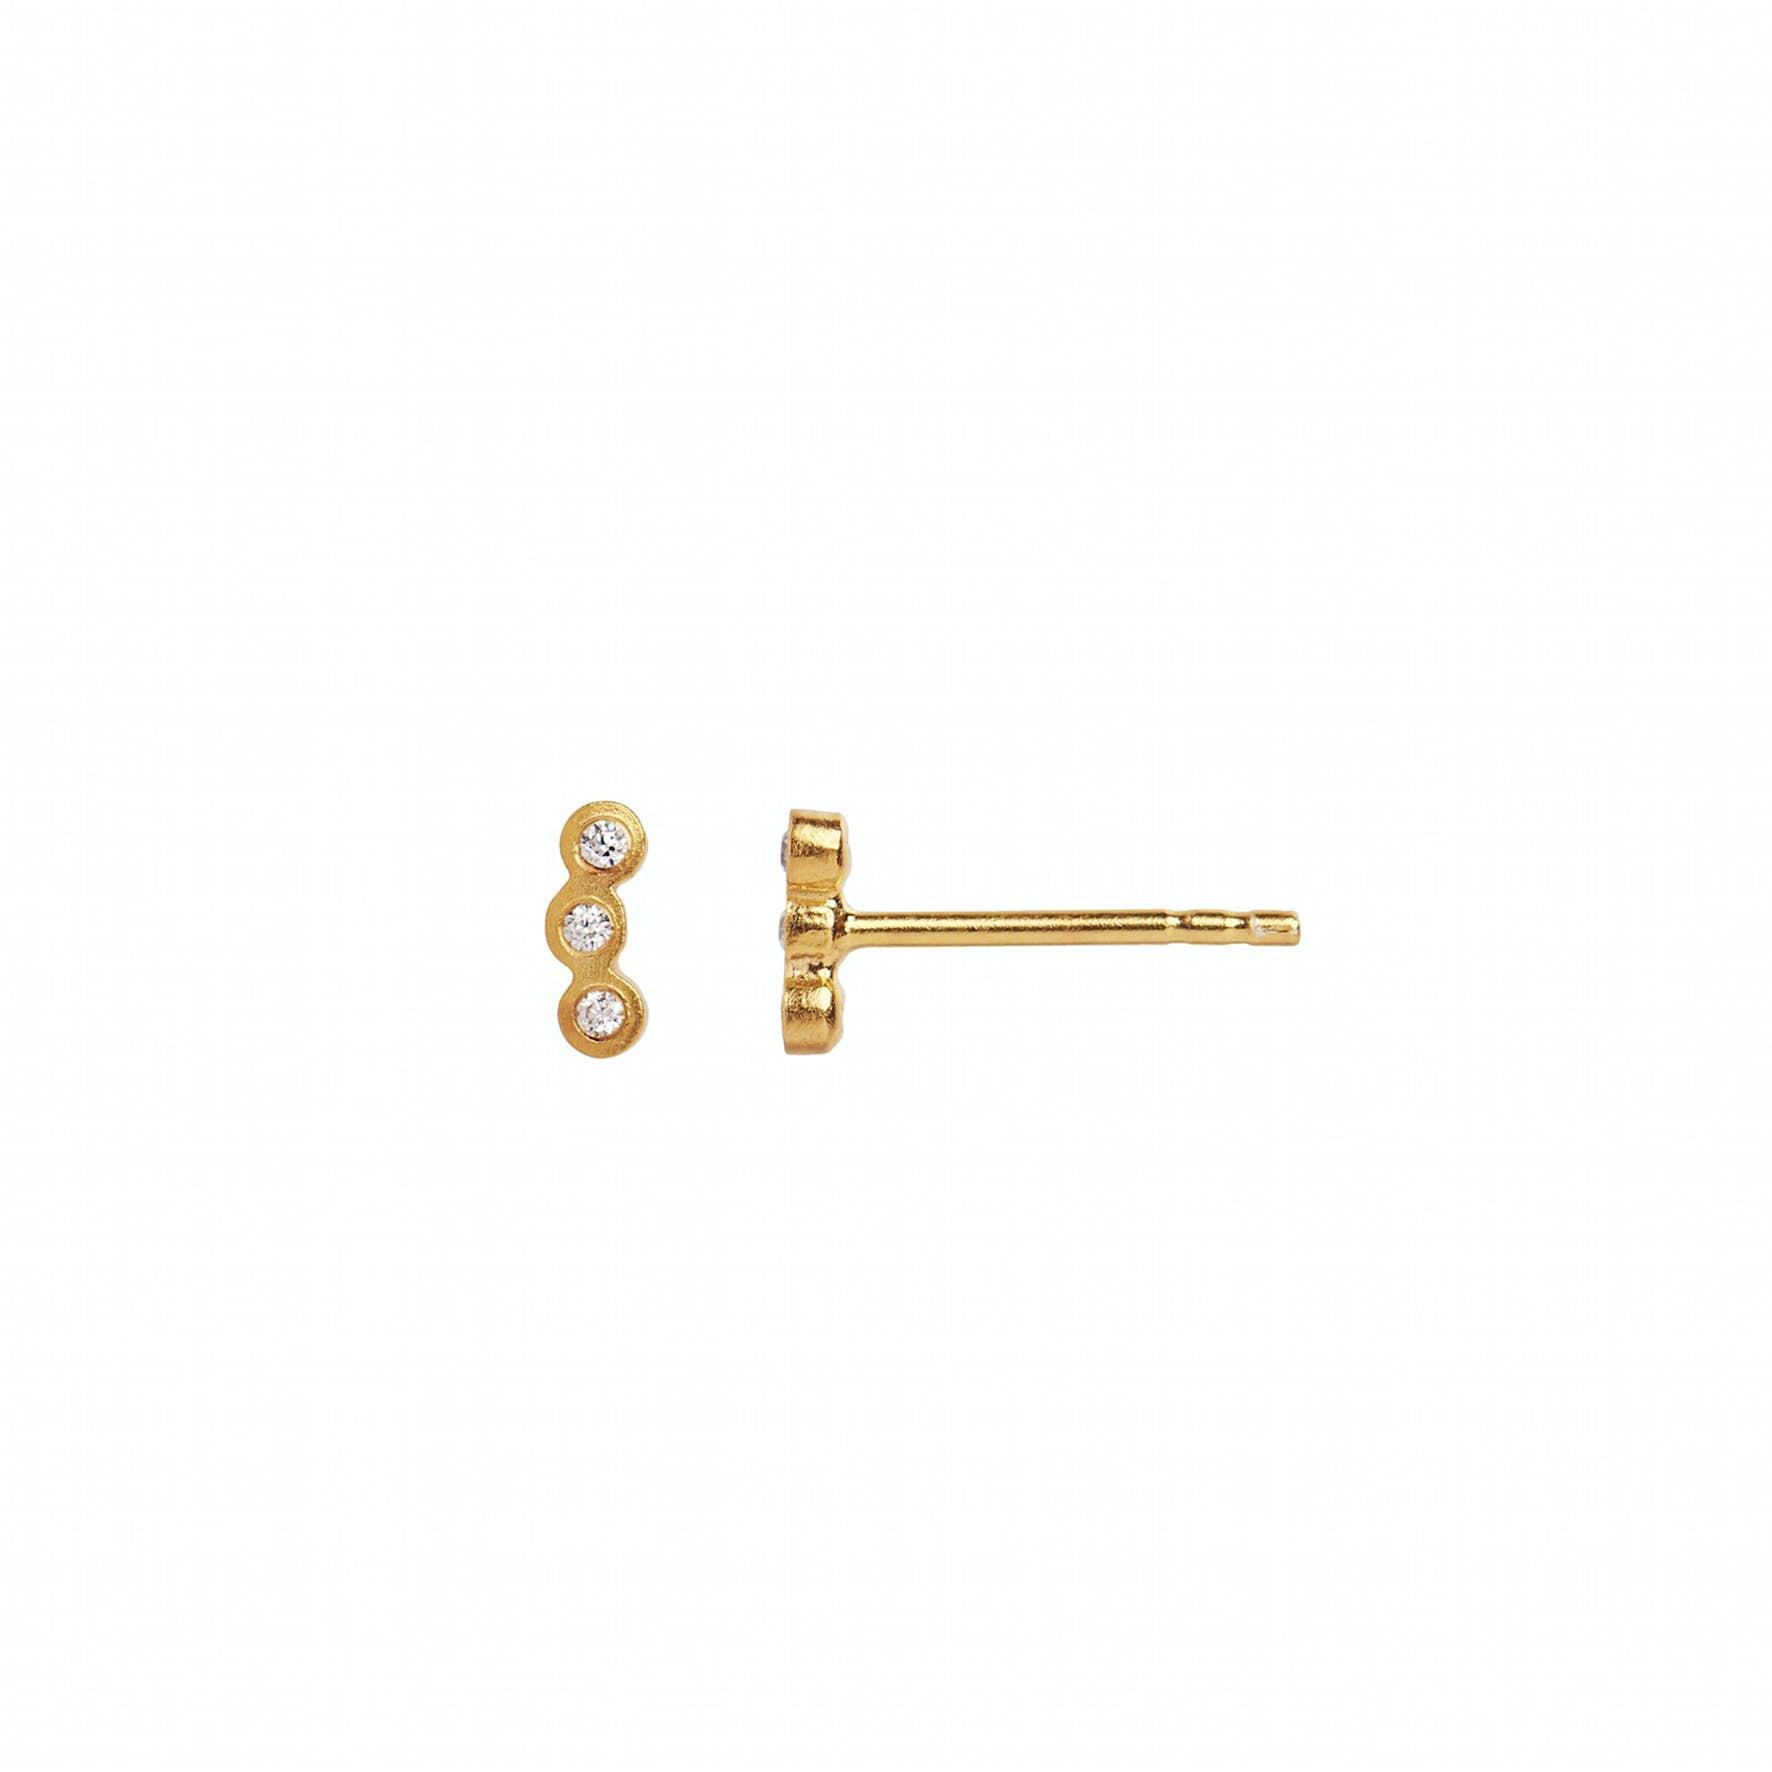 Three Dots Earstick Piece von STINE A Jewelry in Vergoldet-Silber Sterling 925